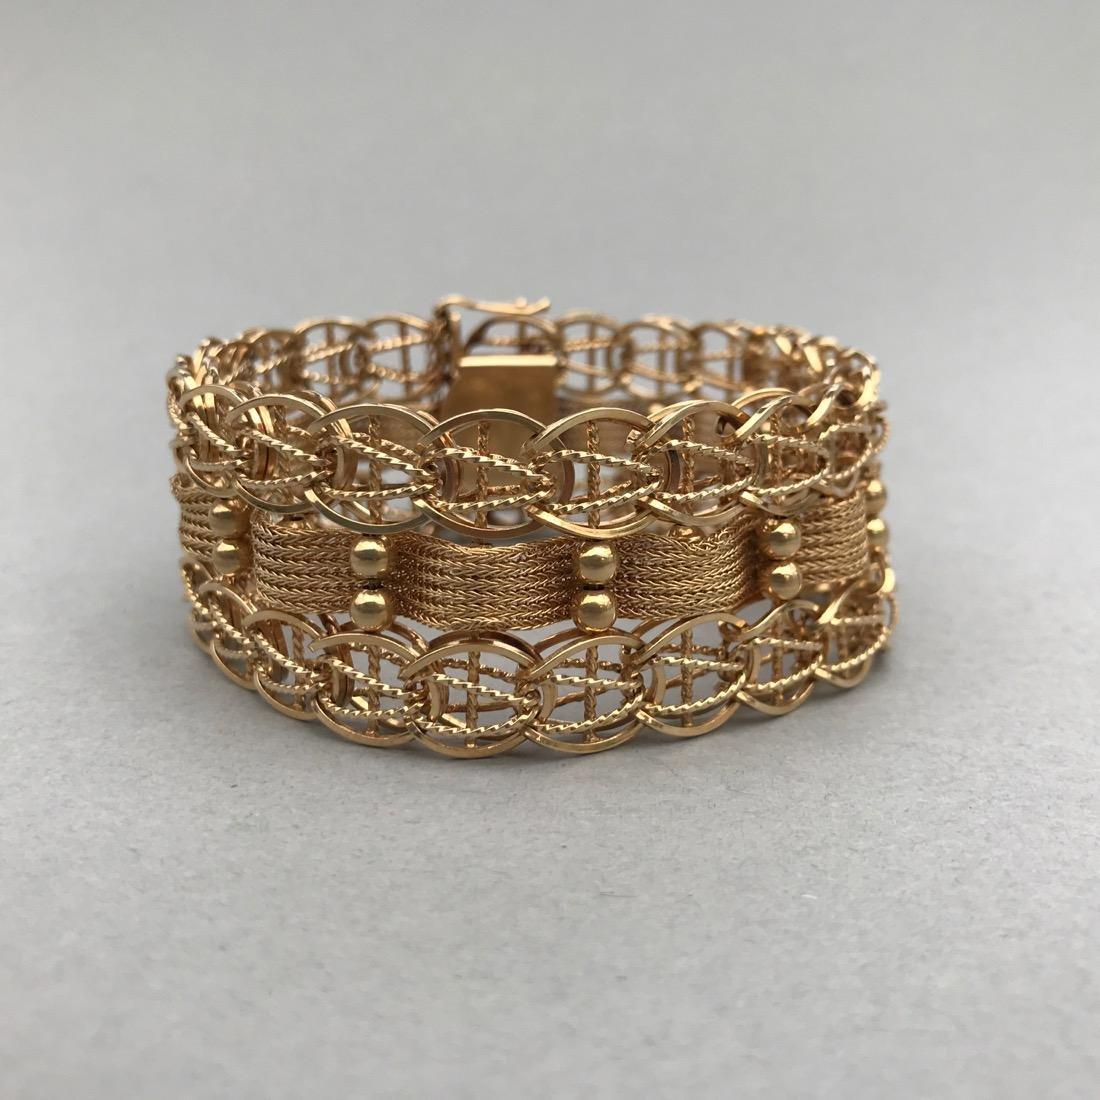 Ornate Woven Chain 14K Gold Bracelet